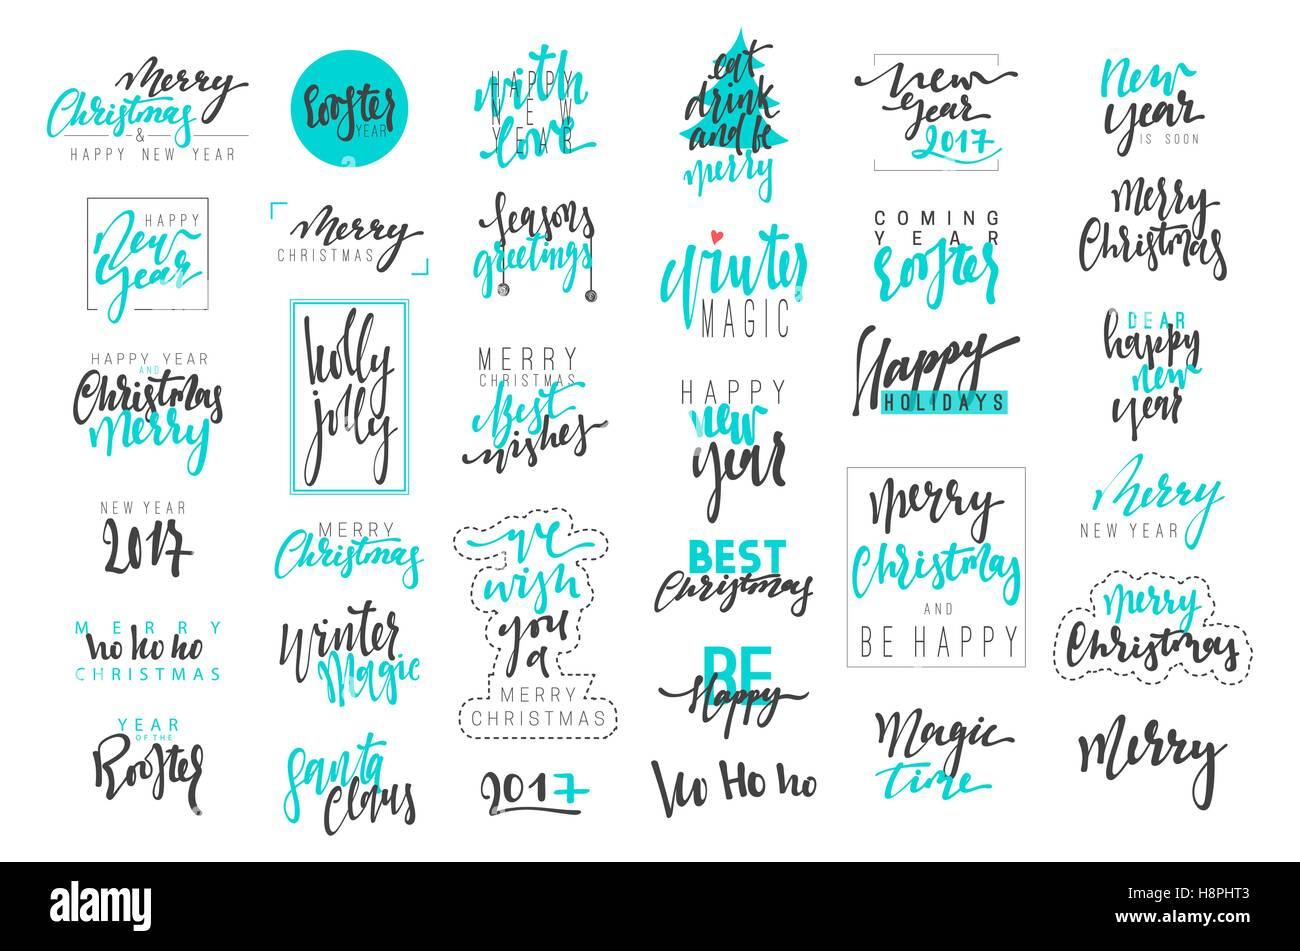 Buon Natale e Felice Anno Nuovo 2017 lusso emblemi di calligrafia set. Nuove iscrizioni blu vacanze, vettore logo Immagini Stock